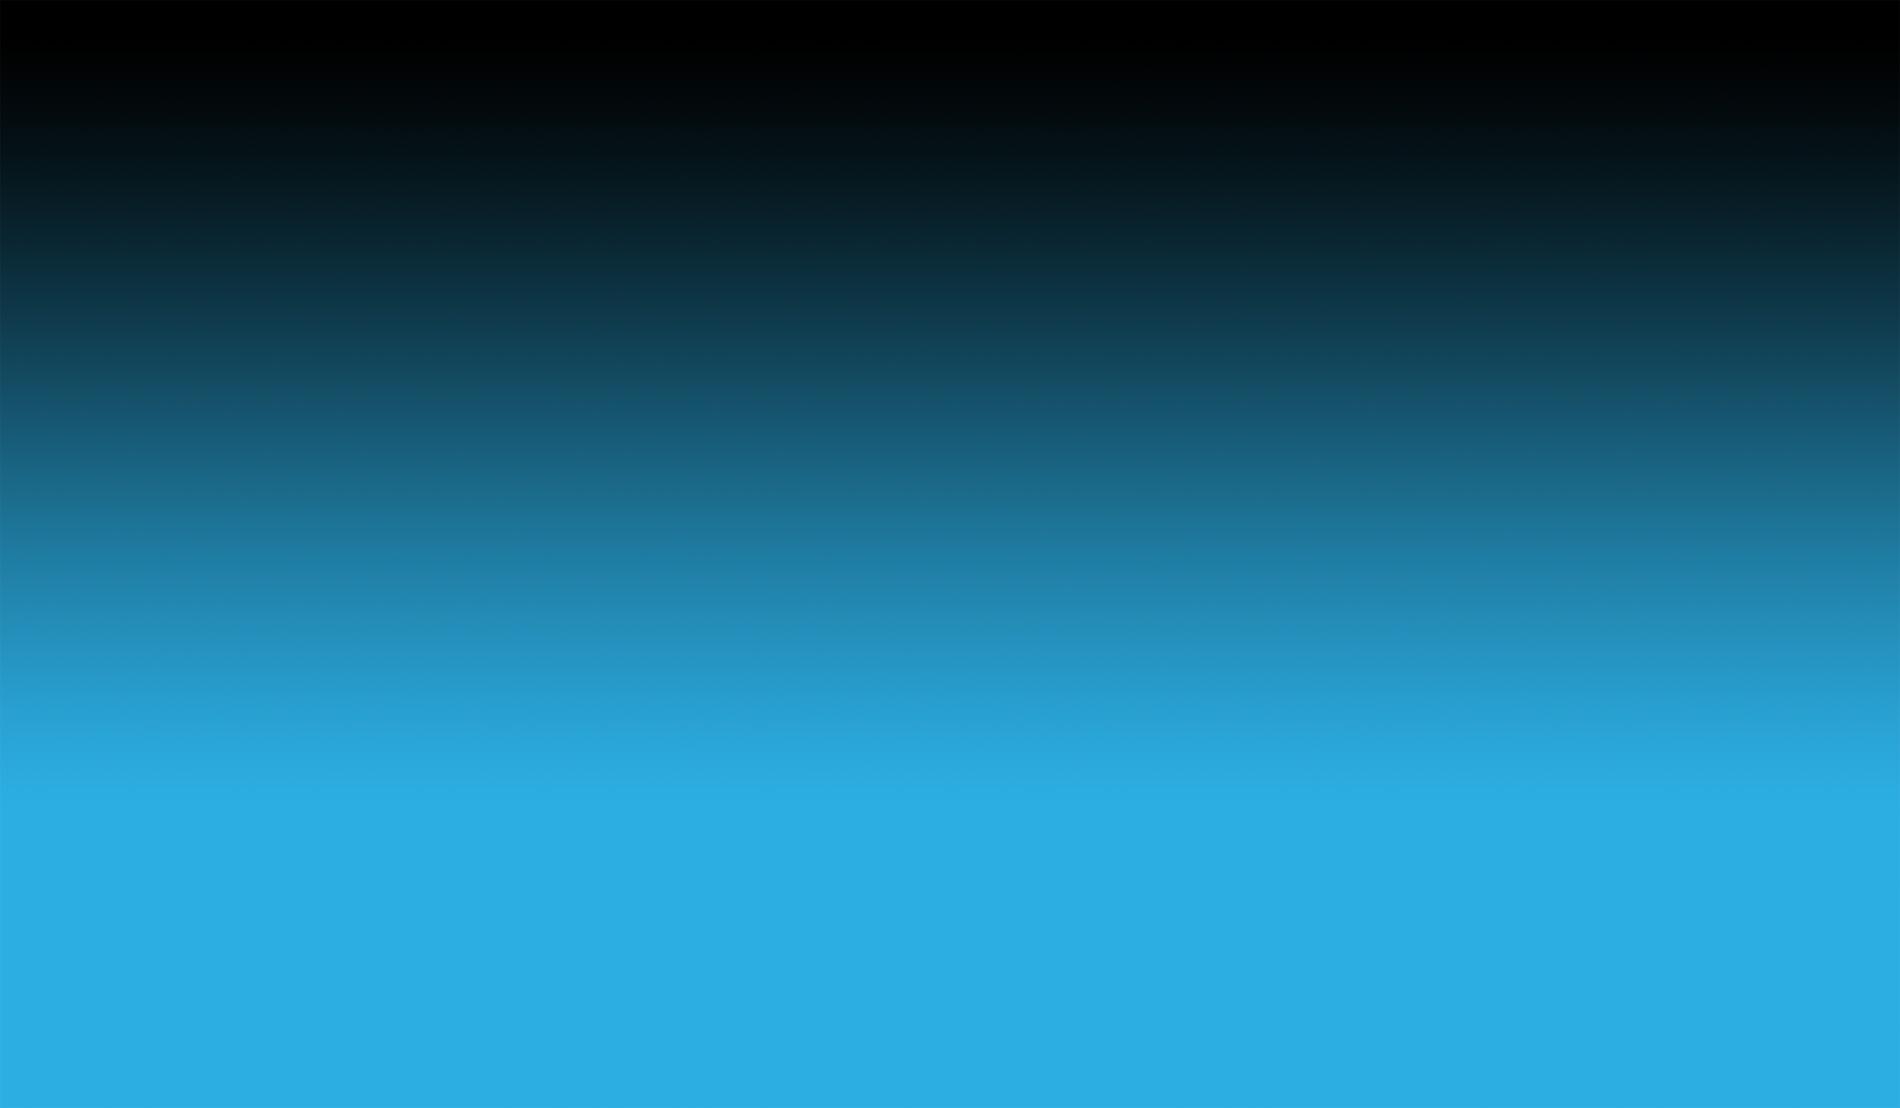 Blue Background Gradient